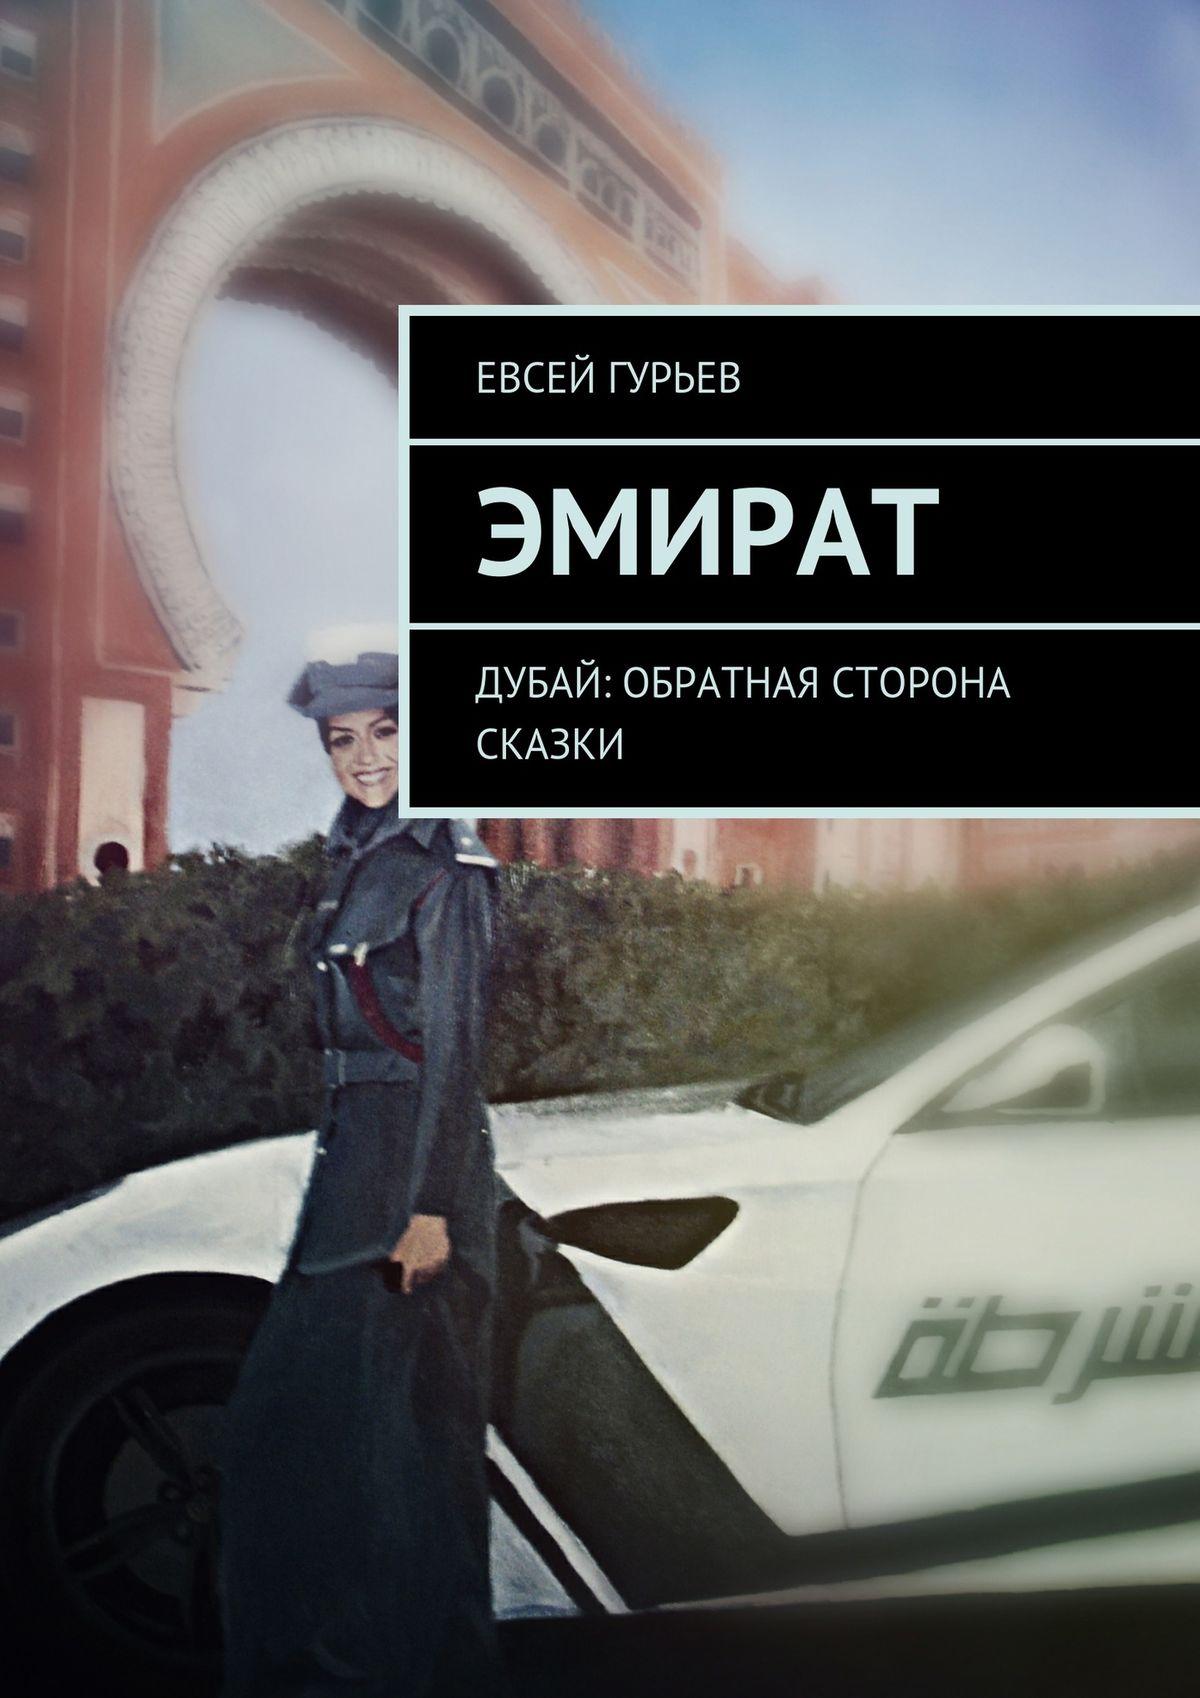 Евсей Иванович Гурьев Эмират. Дубай: обратная сторона сказки